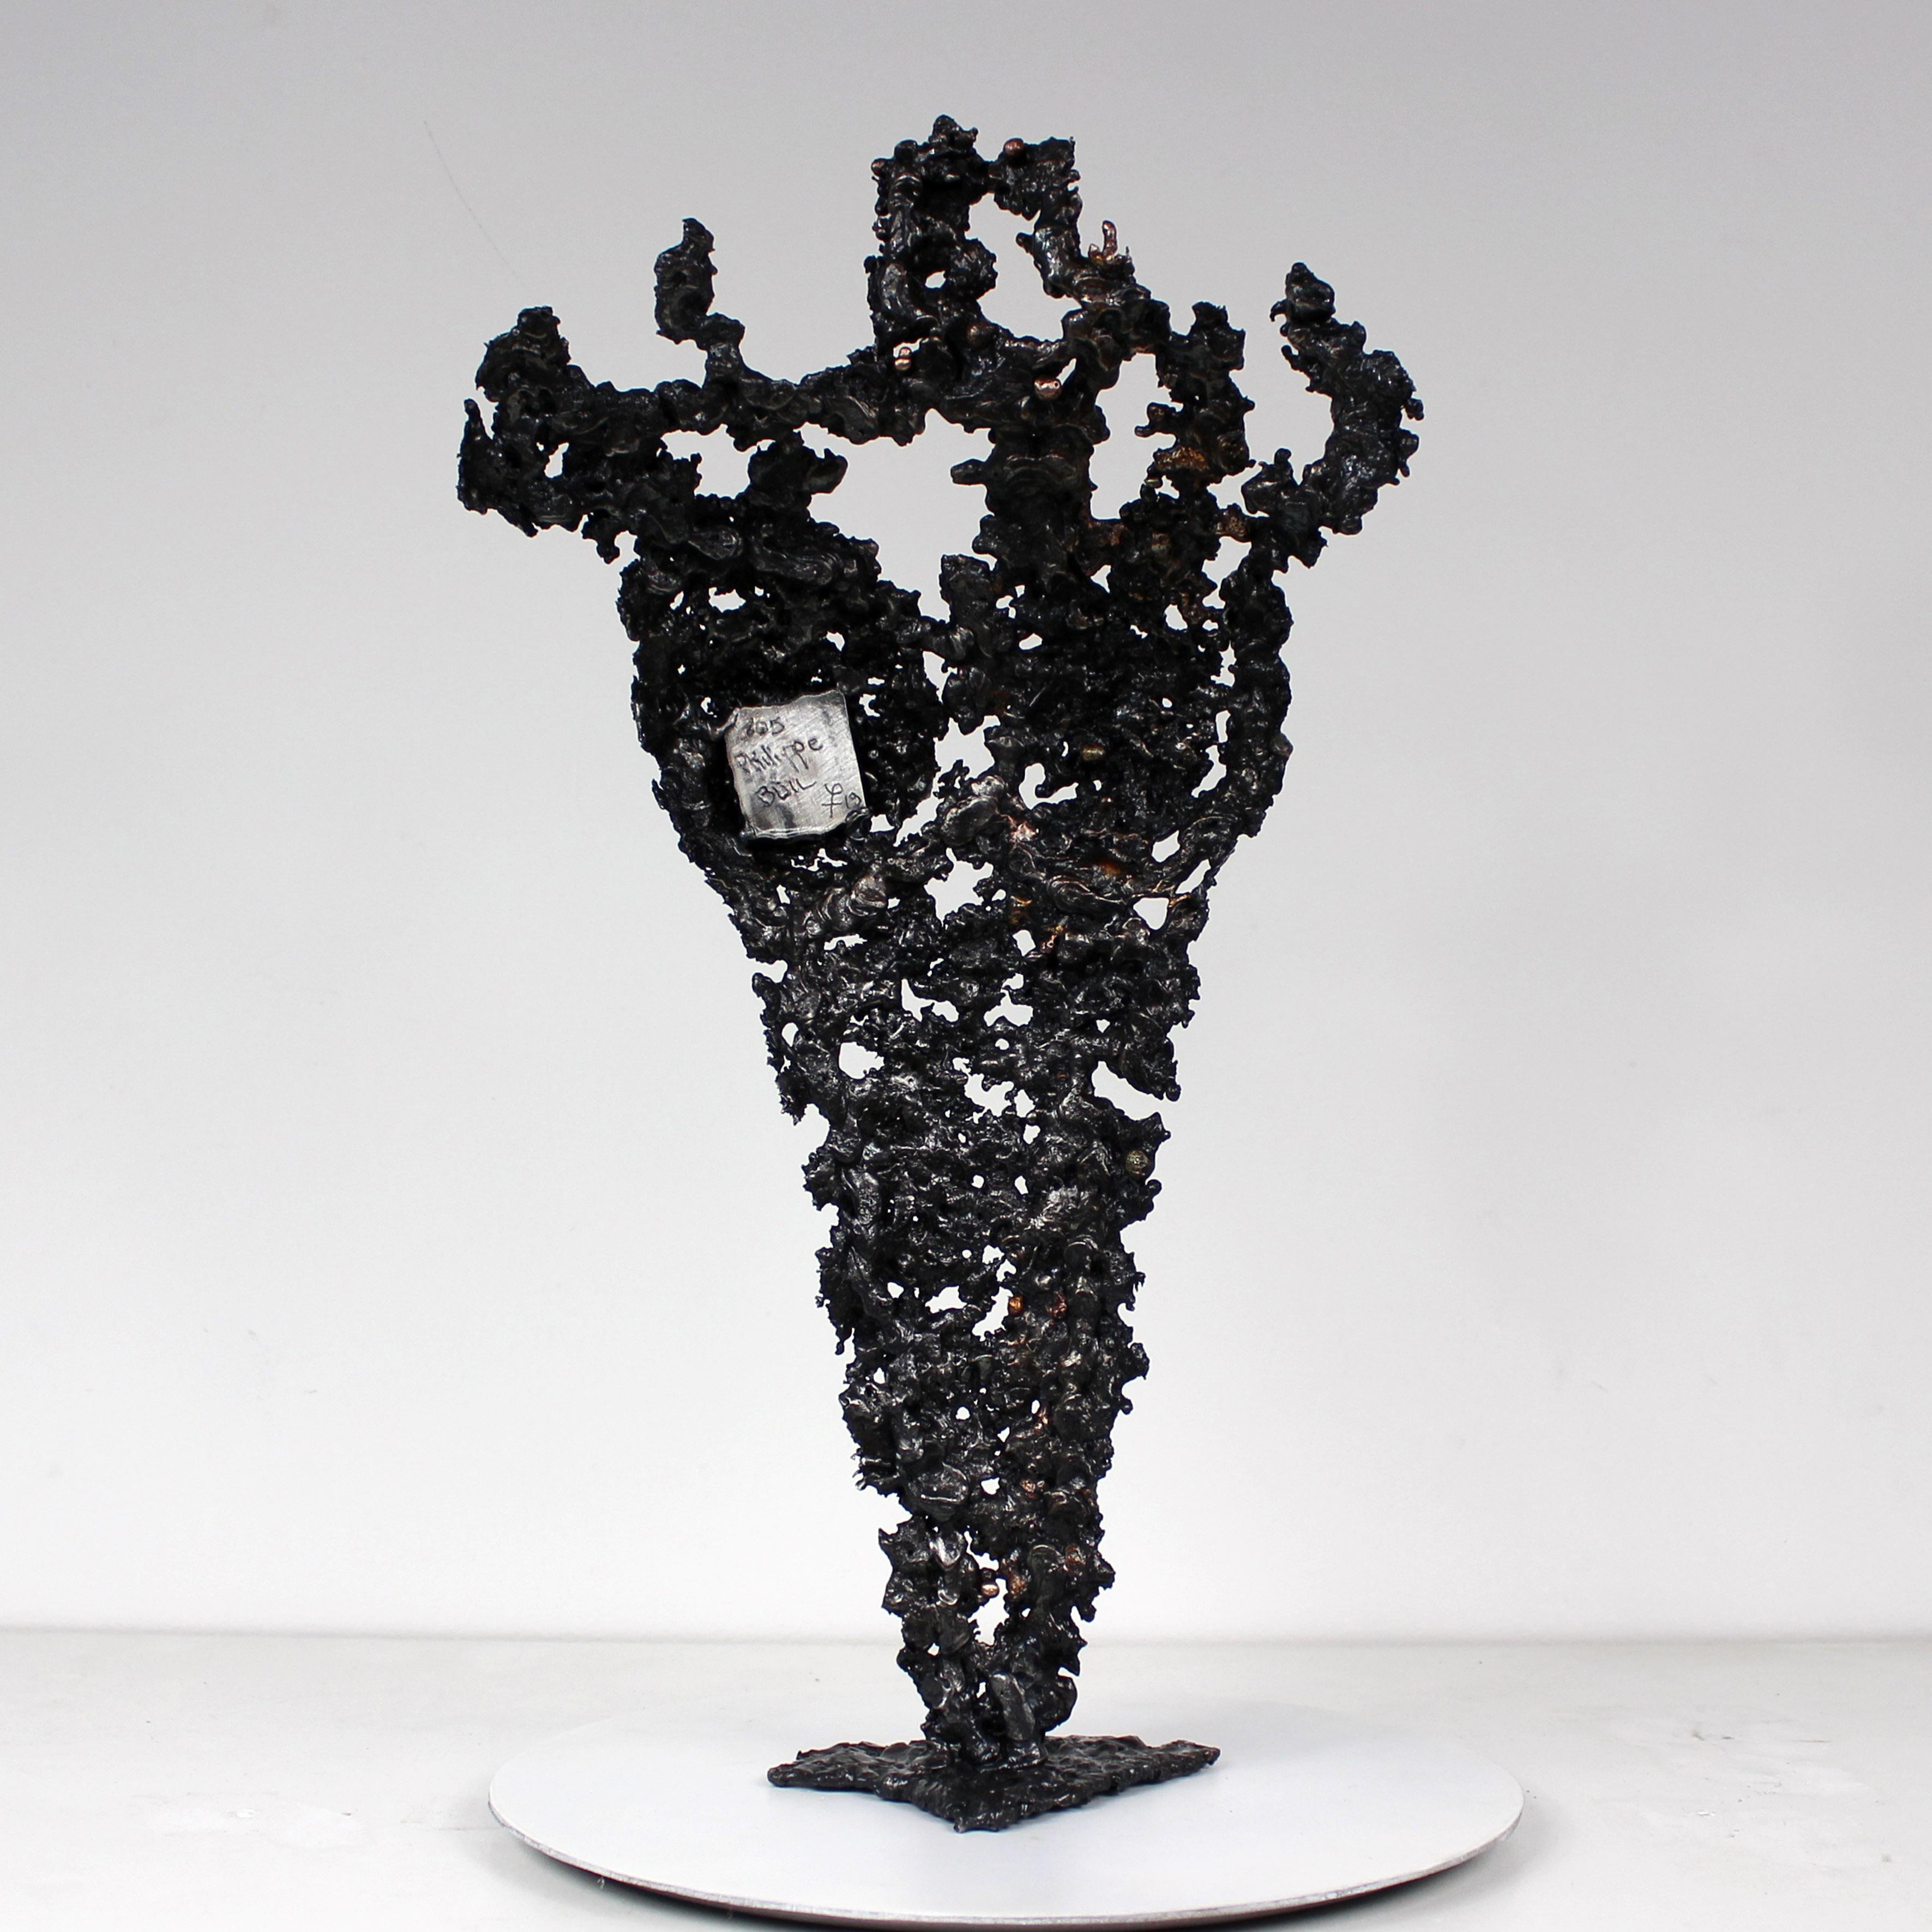 Pavarti Terce - Sculpture Philippe Buil - Corps femme métal dentelle Acier bronzea